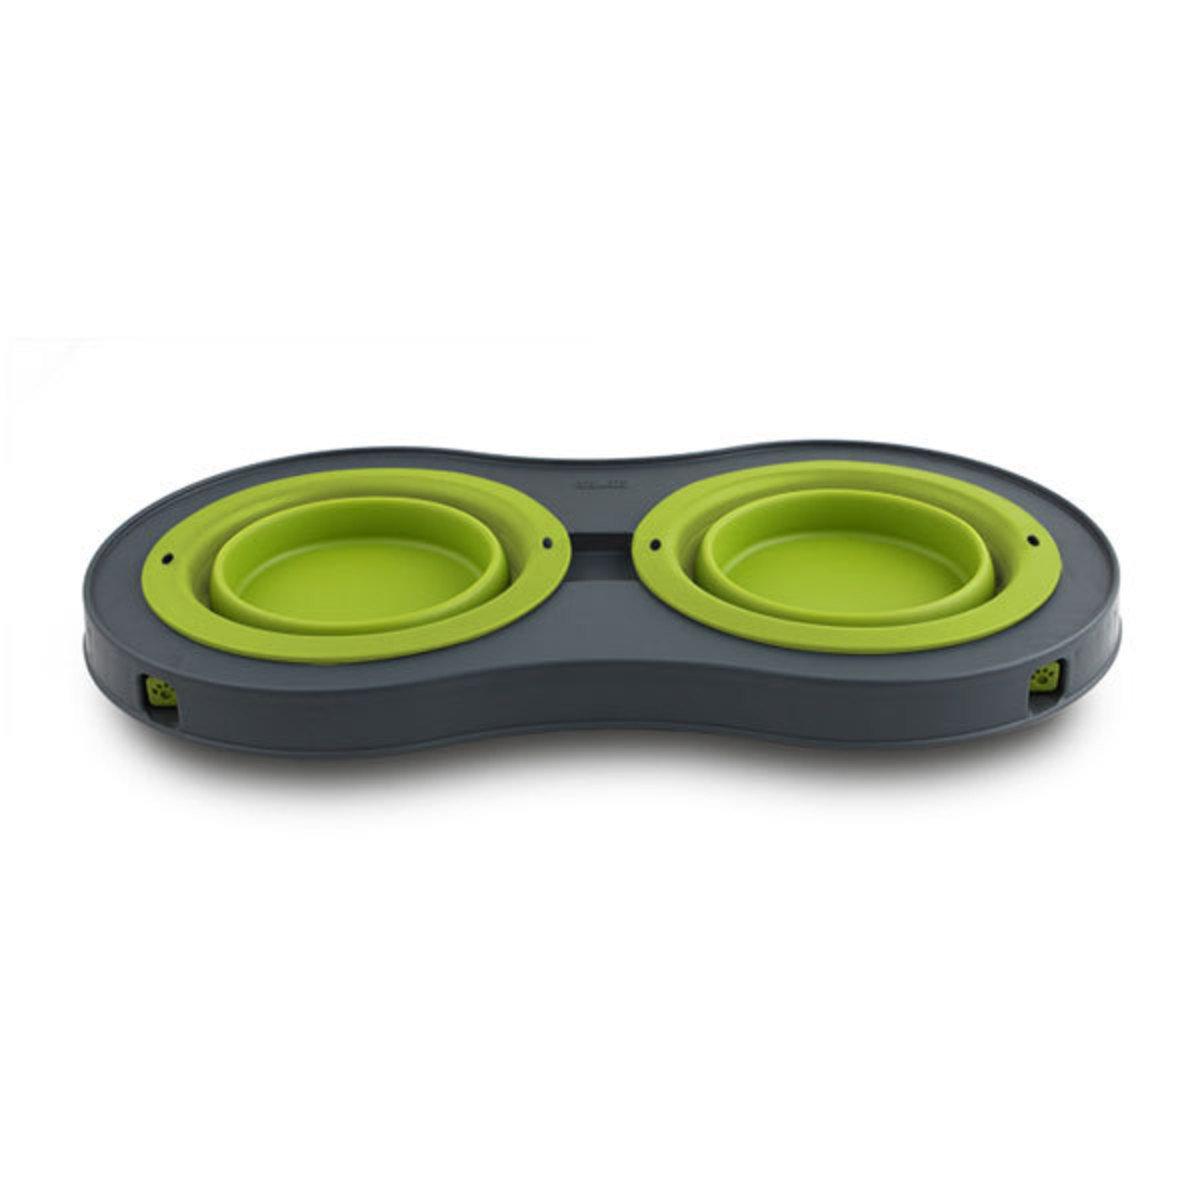 便攜折疊高架雙碗-綠色